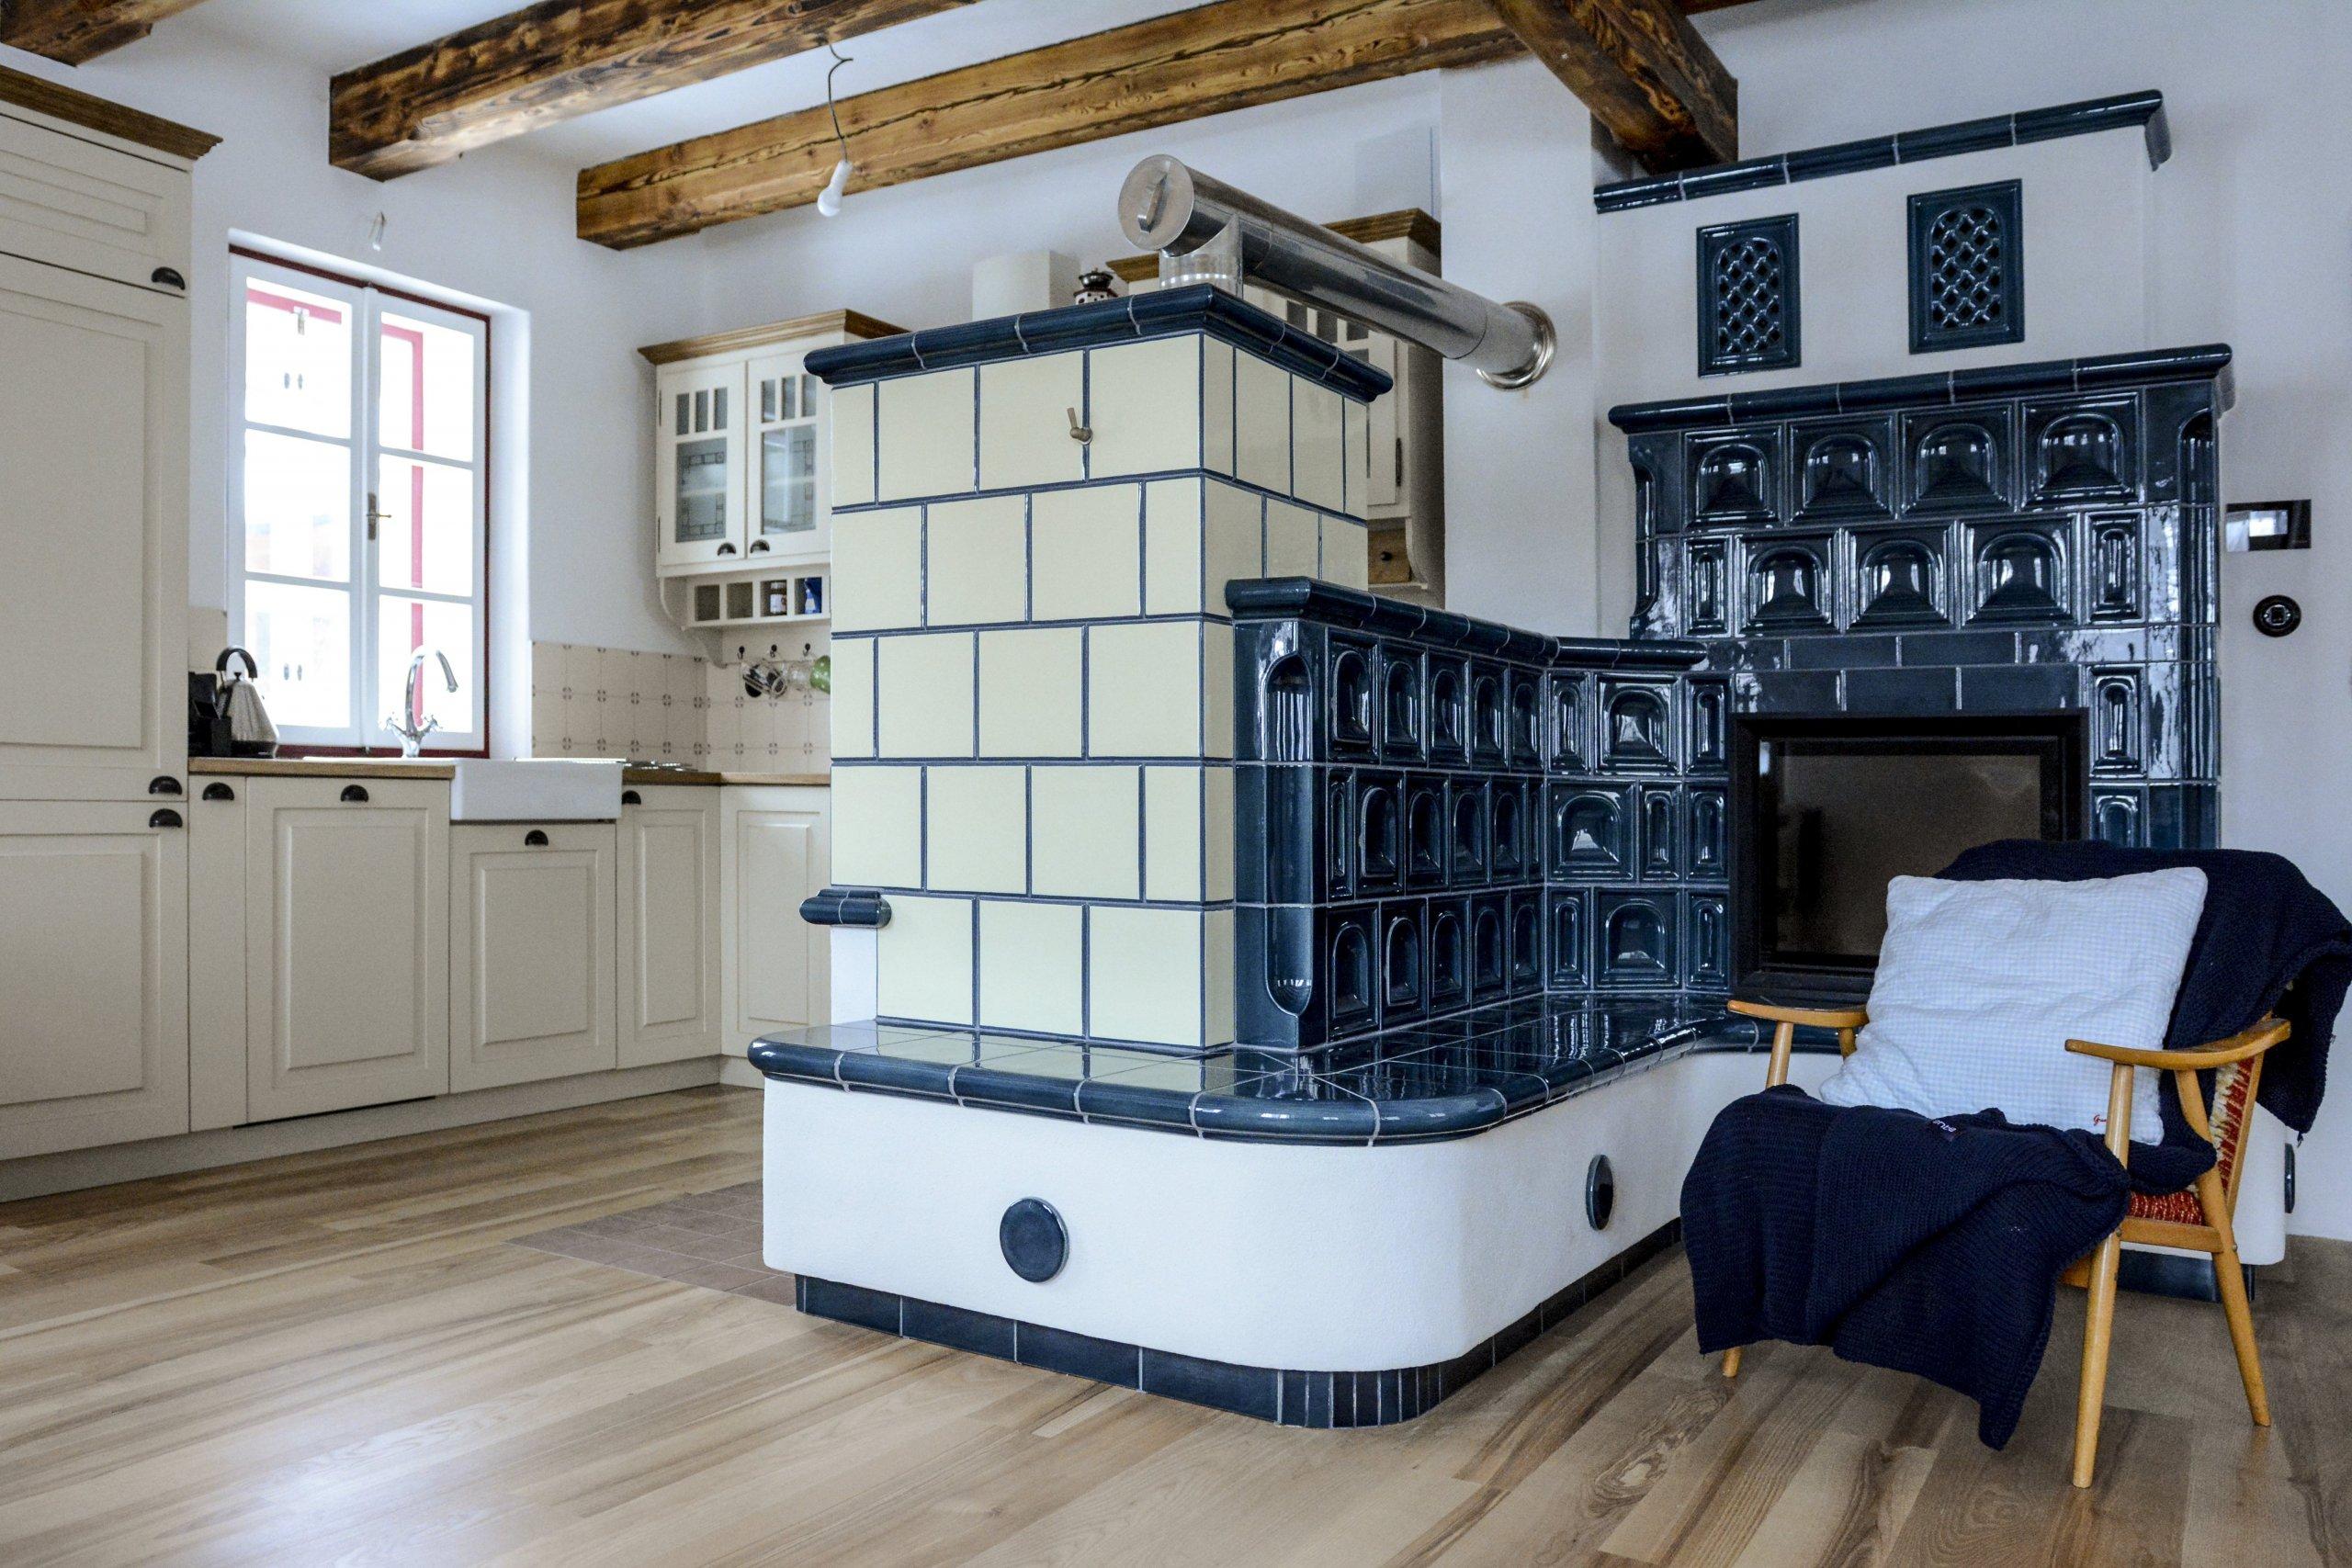 Kachlový sporák v lehce provensálském stylu, realizace Mojmír Jauernig. Součástí sporáku jsou také dvě trouby. Při stavbě byly použity kachle K&K POKER,…